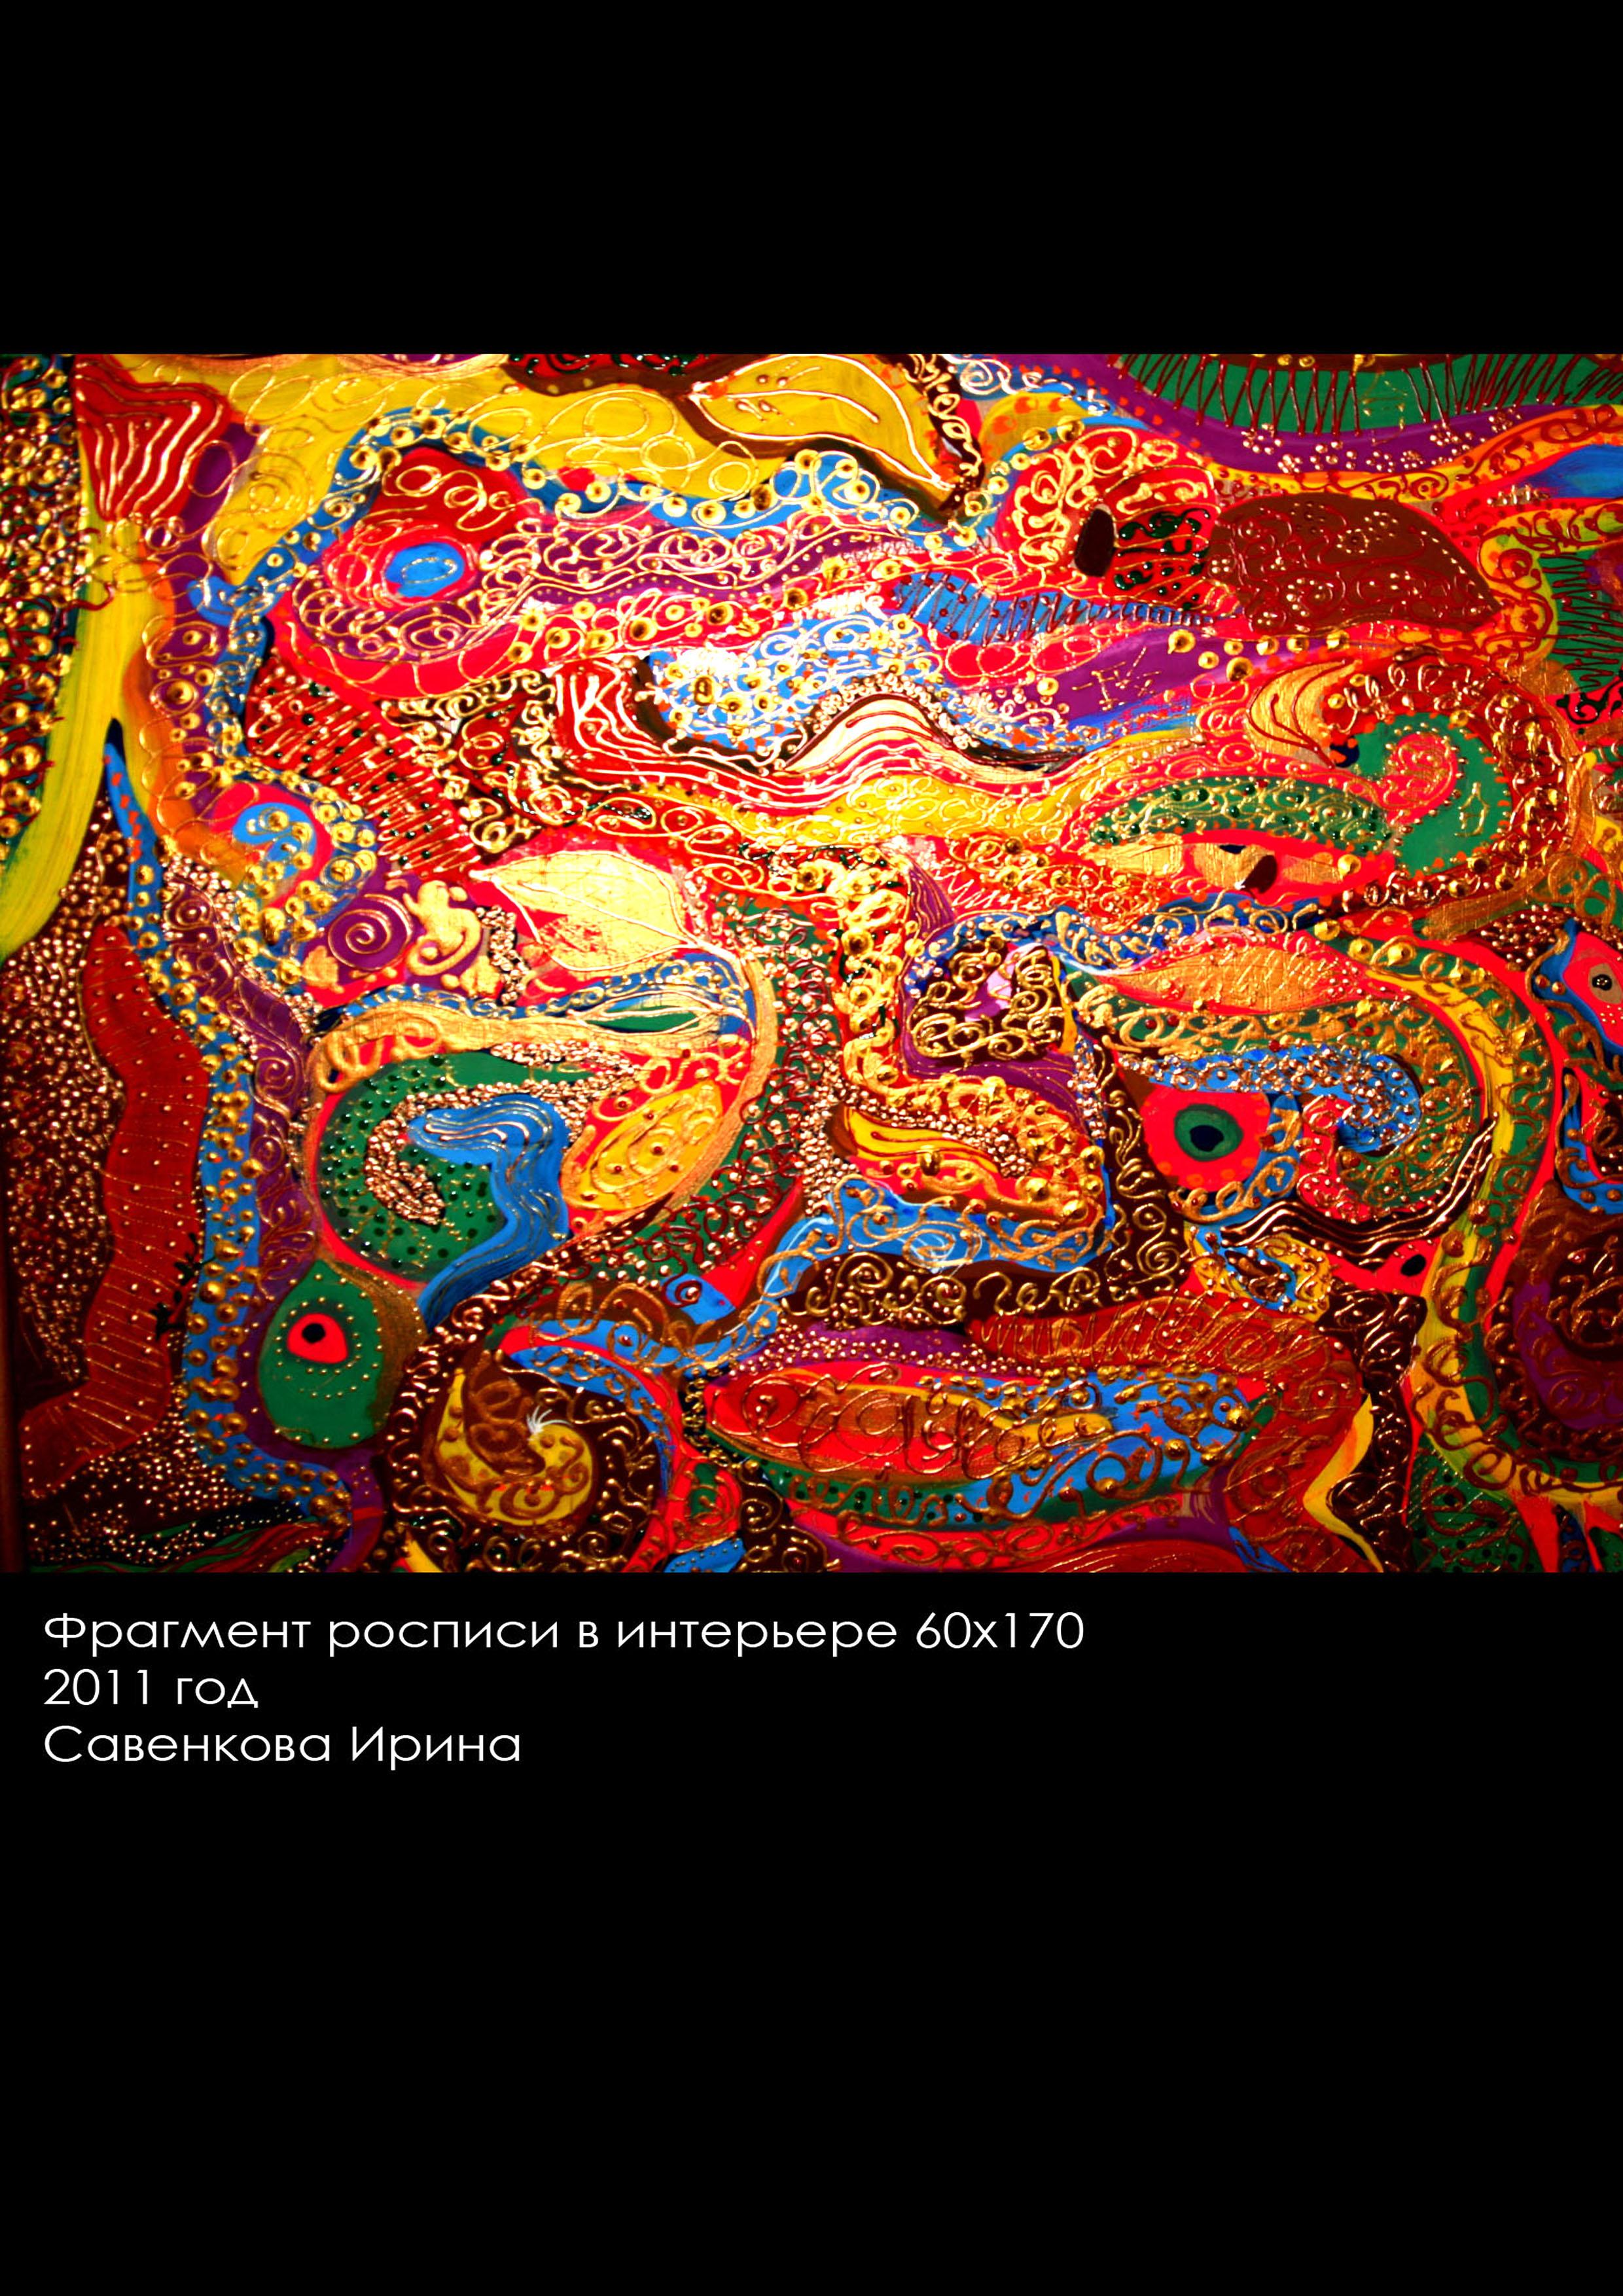 Интерьер 2 2012.jpg